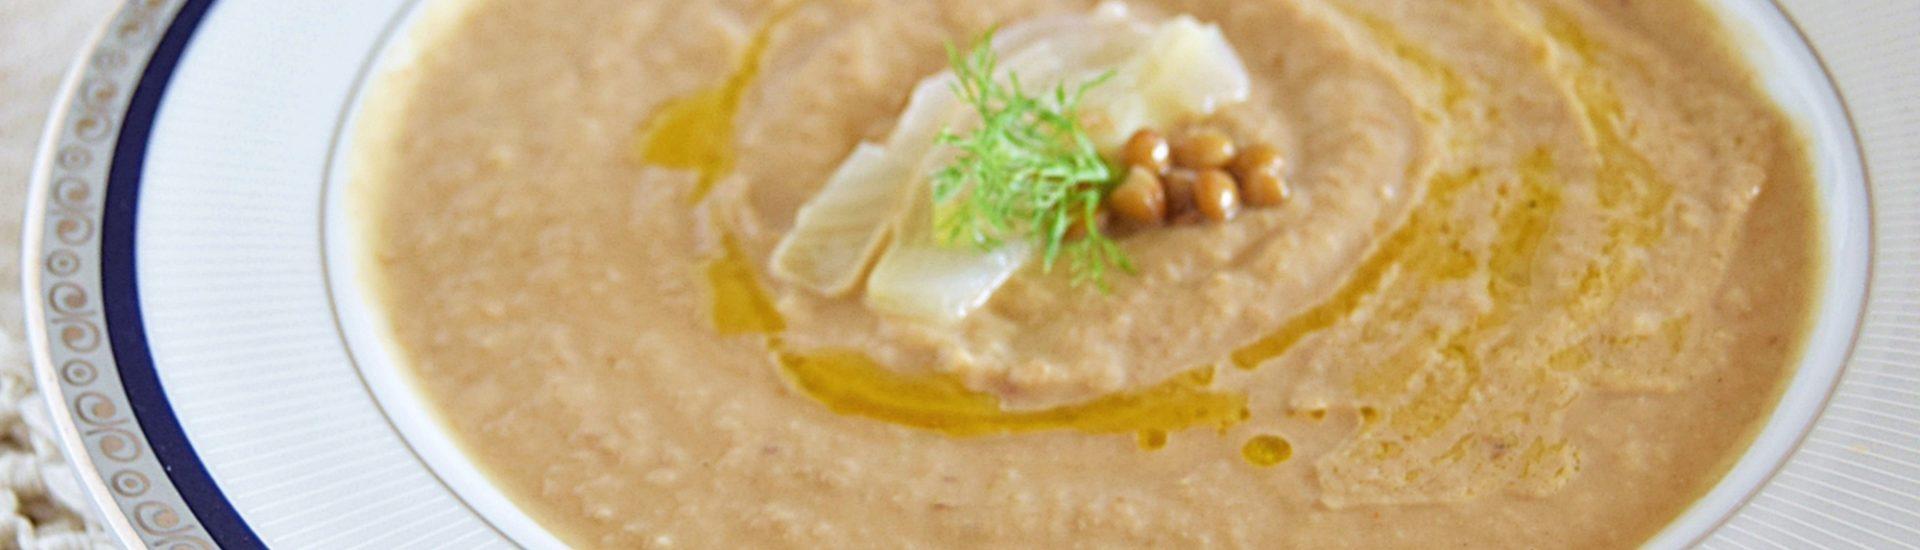 Crema di lenticchie e finocchi leggera